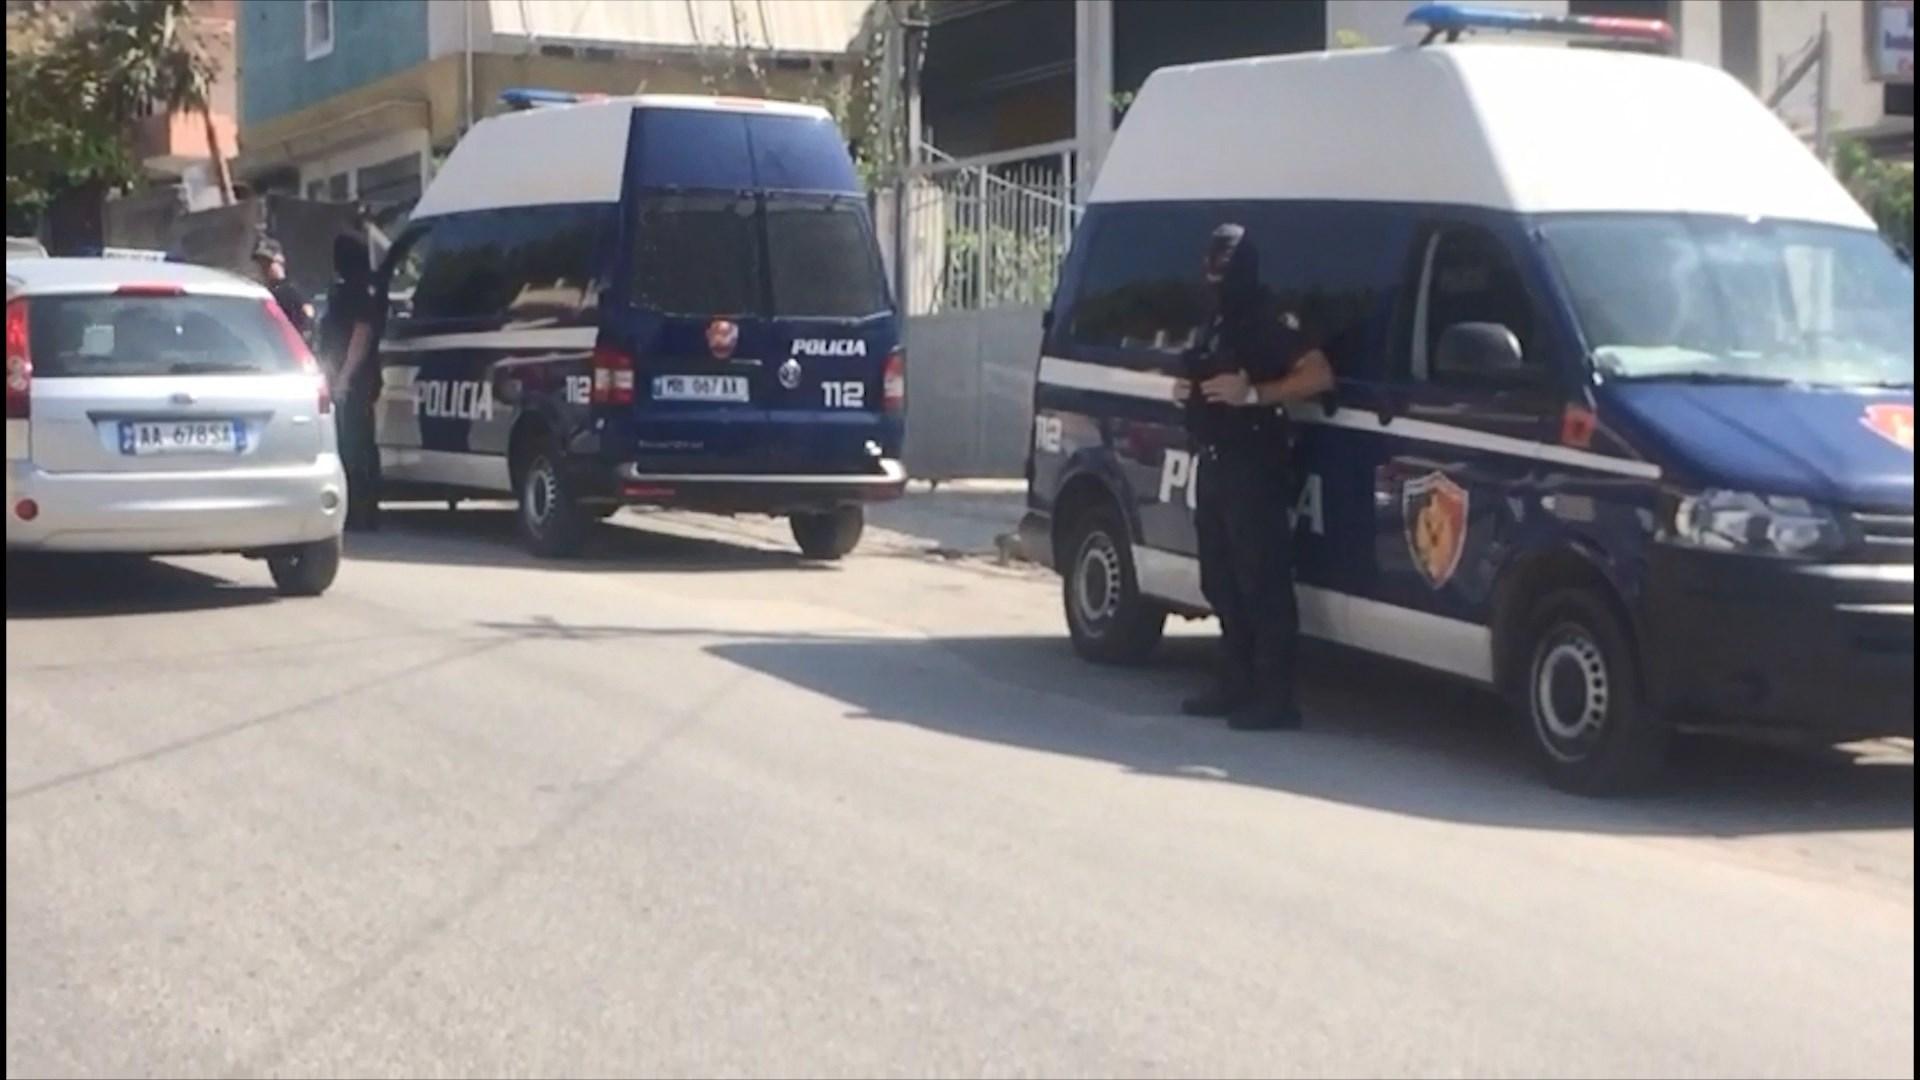 FNSH zbarkoi në Vlorë, kontrolle për armë dhe drogë